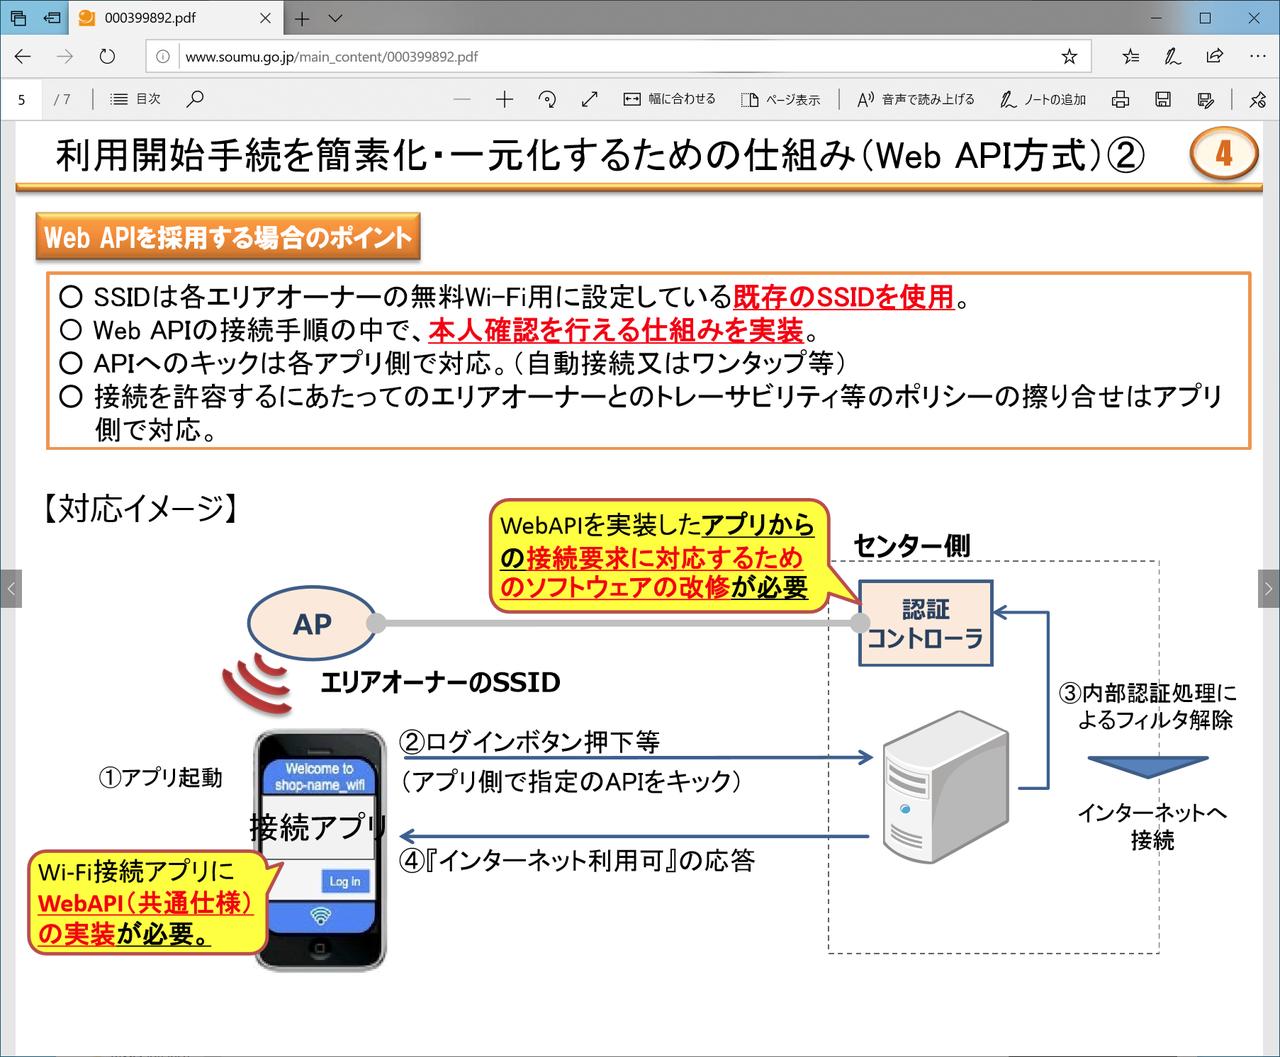 """総務省の主導で、愛知県で実証実験が行われたウェブAPI方式による相互認証の仕組み(<a href=""""http://www.soumu.go.jp/main_content/000399892.pdf"""" class=""""strong bn"""" target=""""_blank"""">総務省、PDF</a>)"""